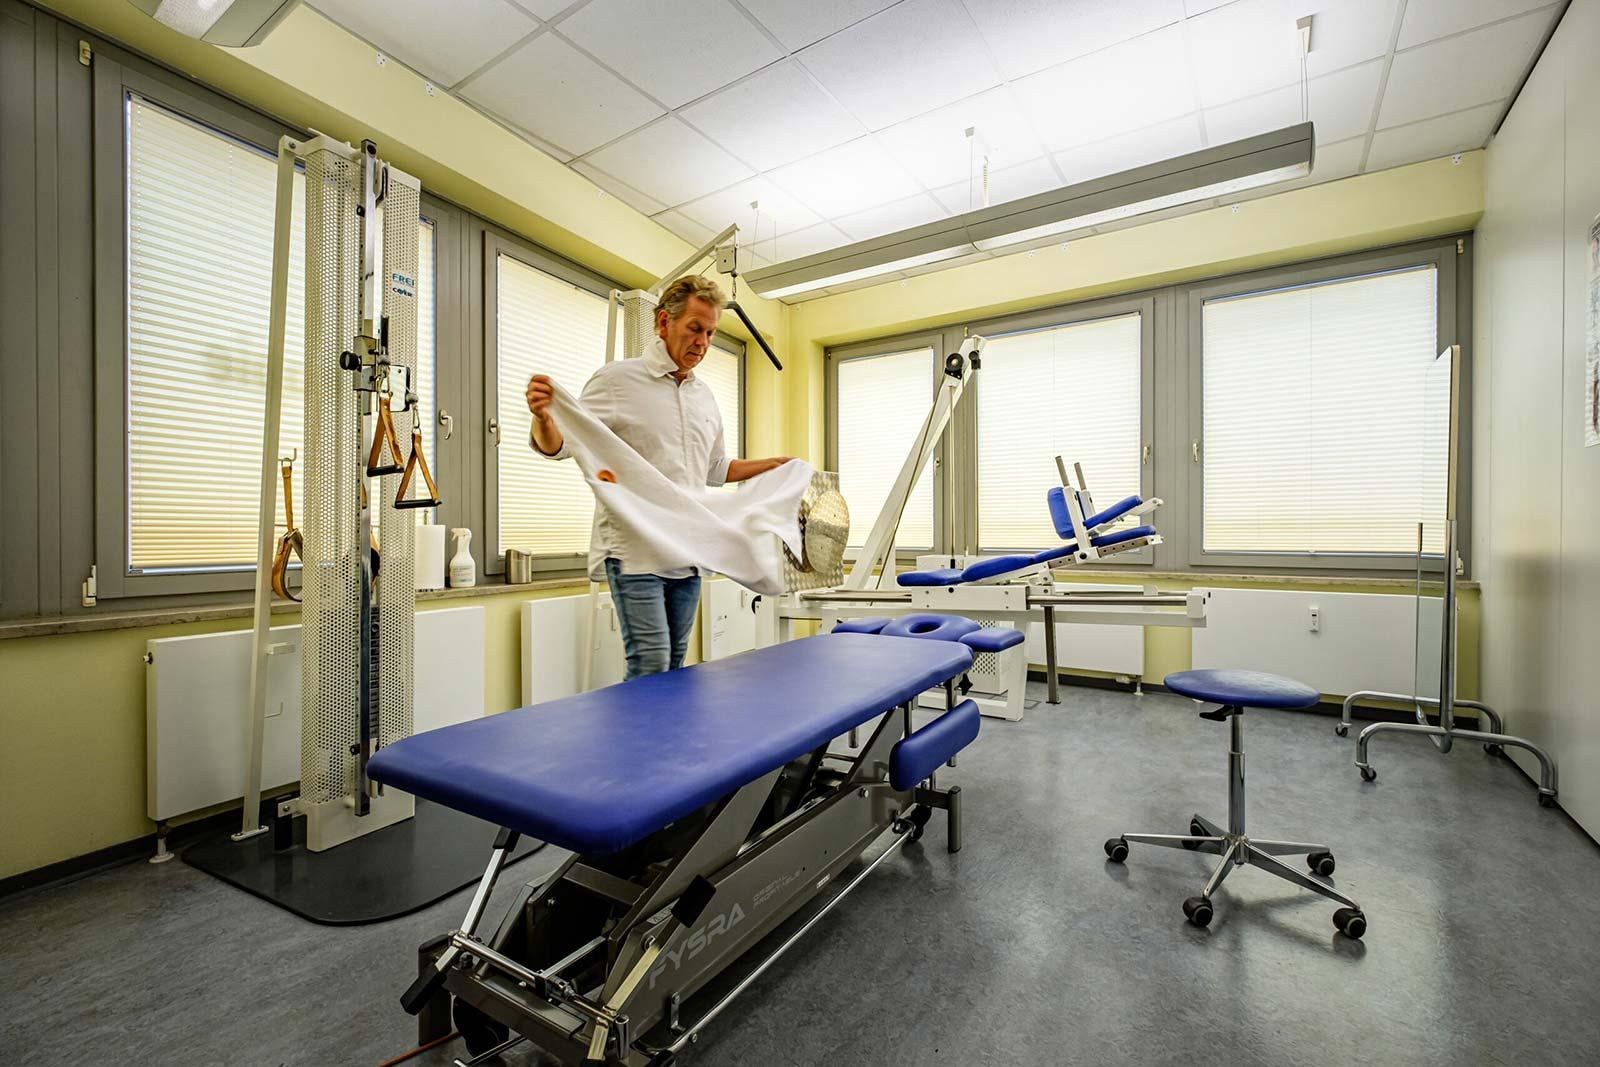 Physiotherapeut Joachim Ueck an der Behandlungsliege